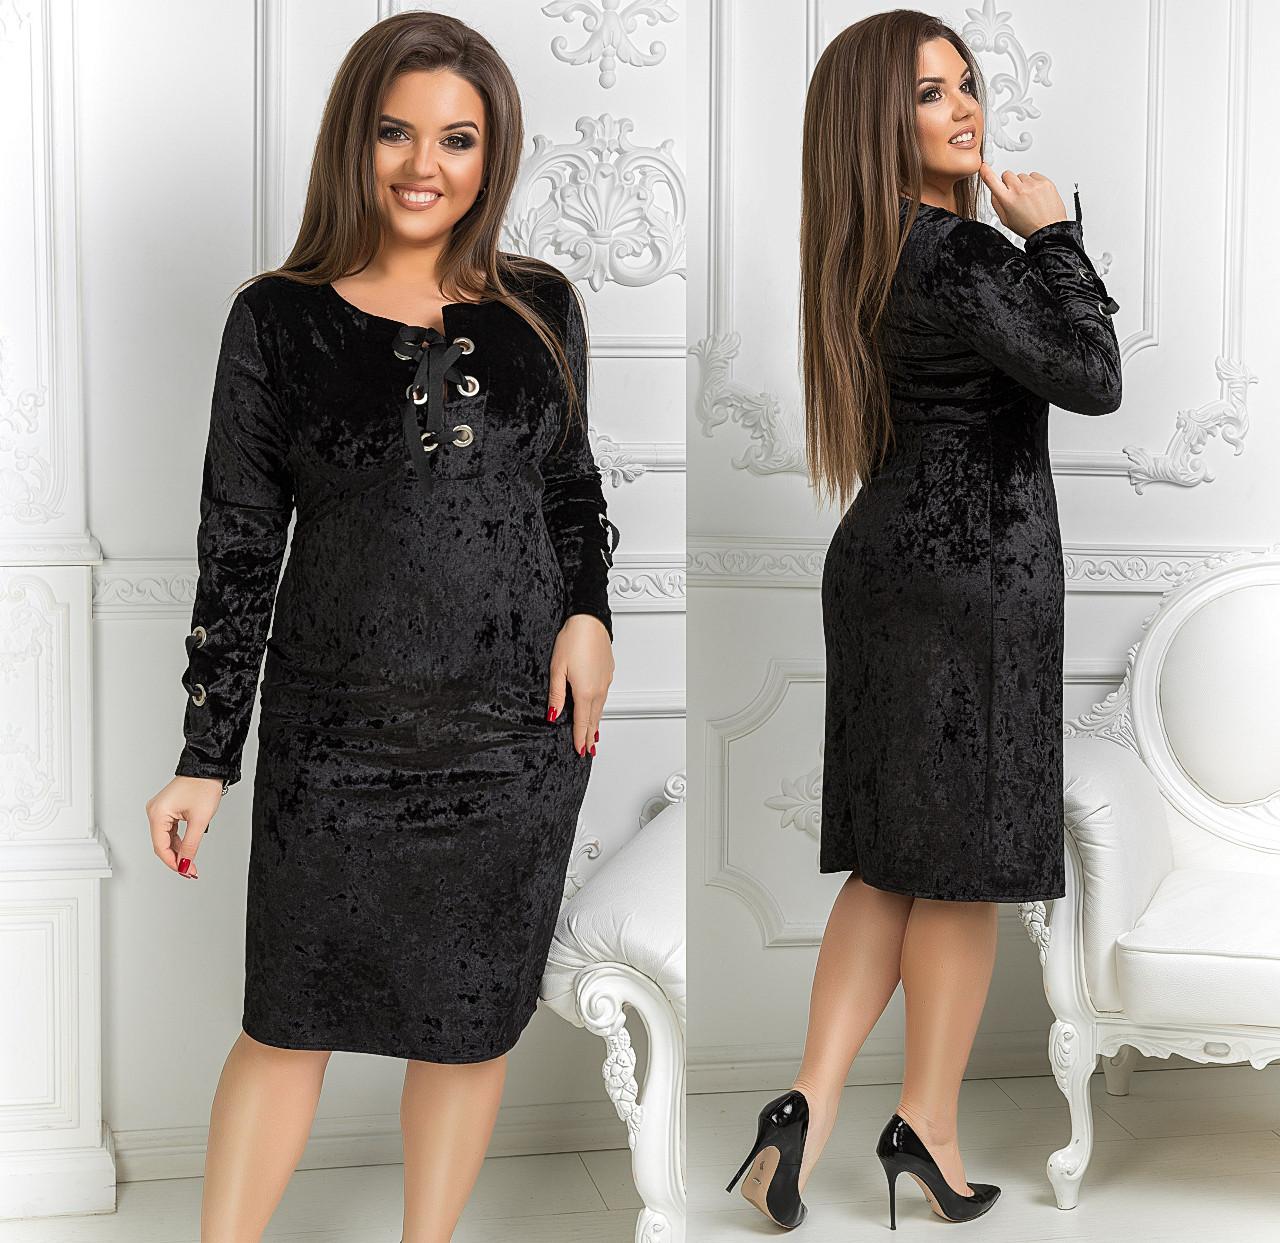 855e998c987 Элегантное женское платье в больших размерах 834